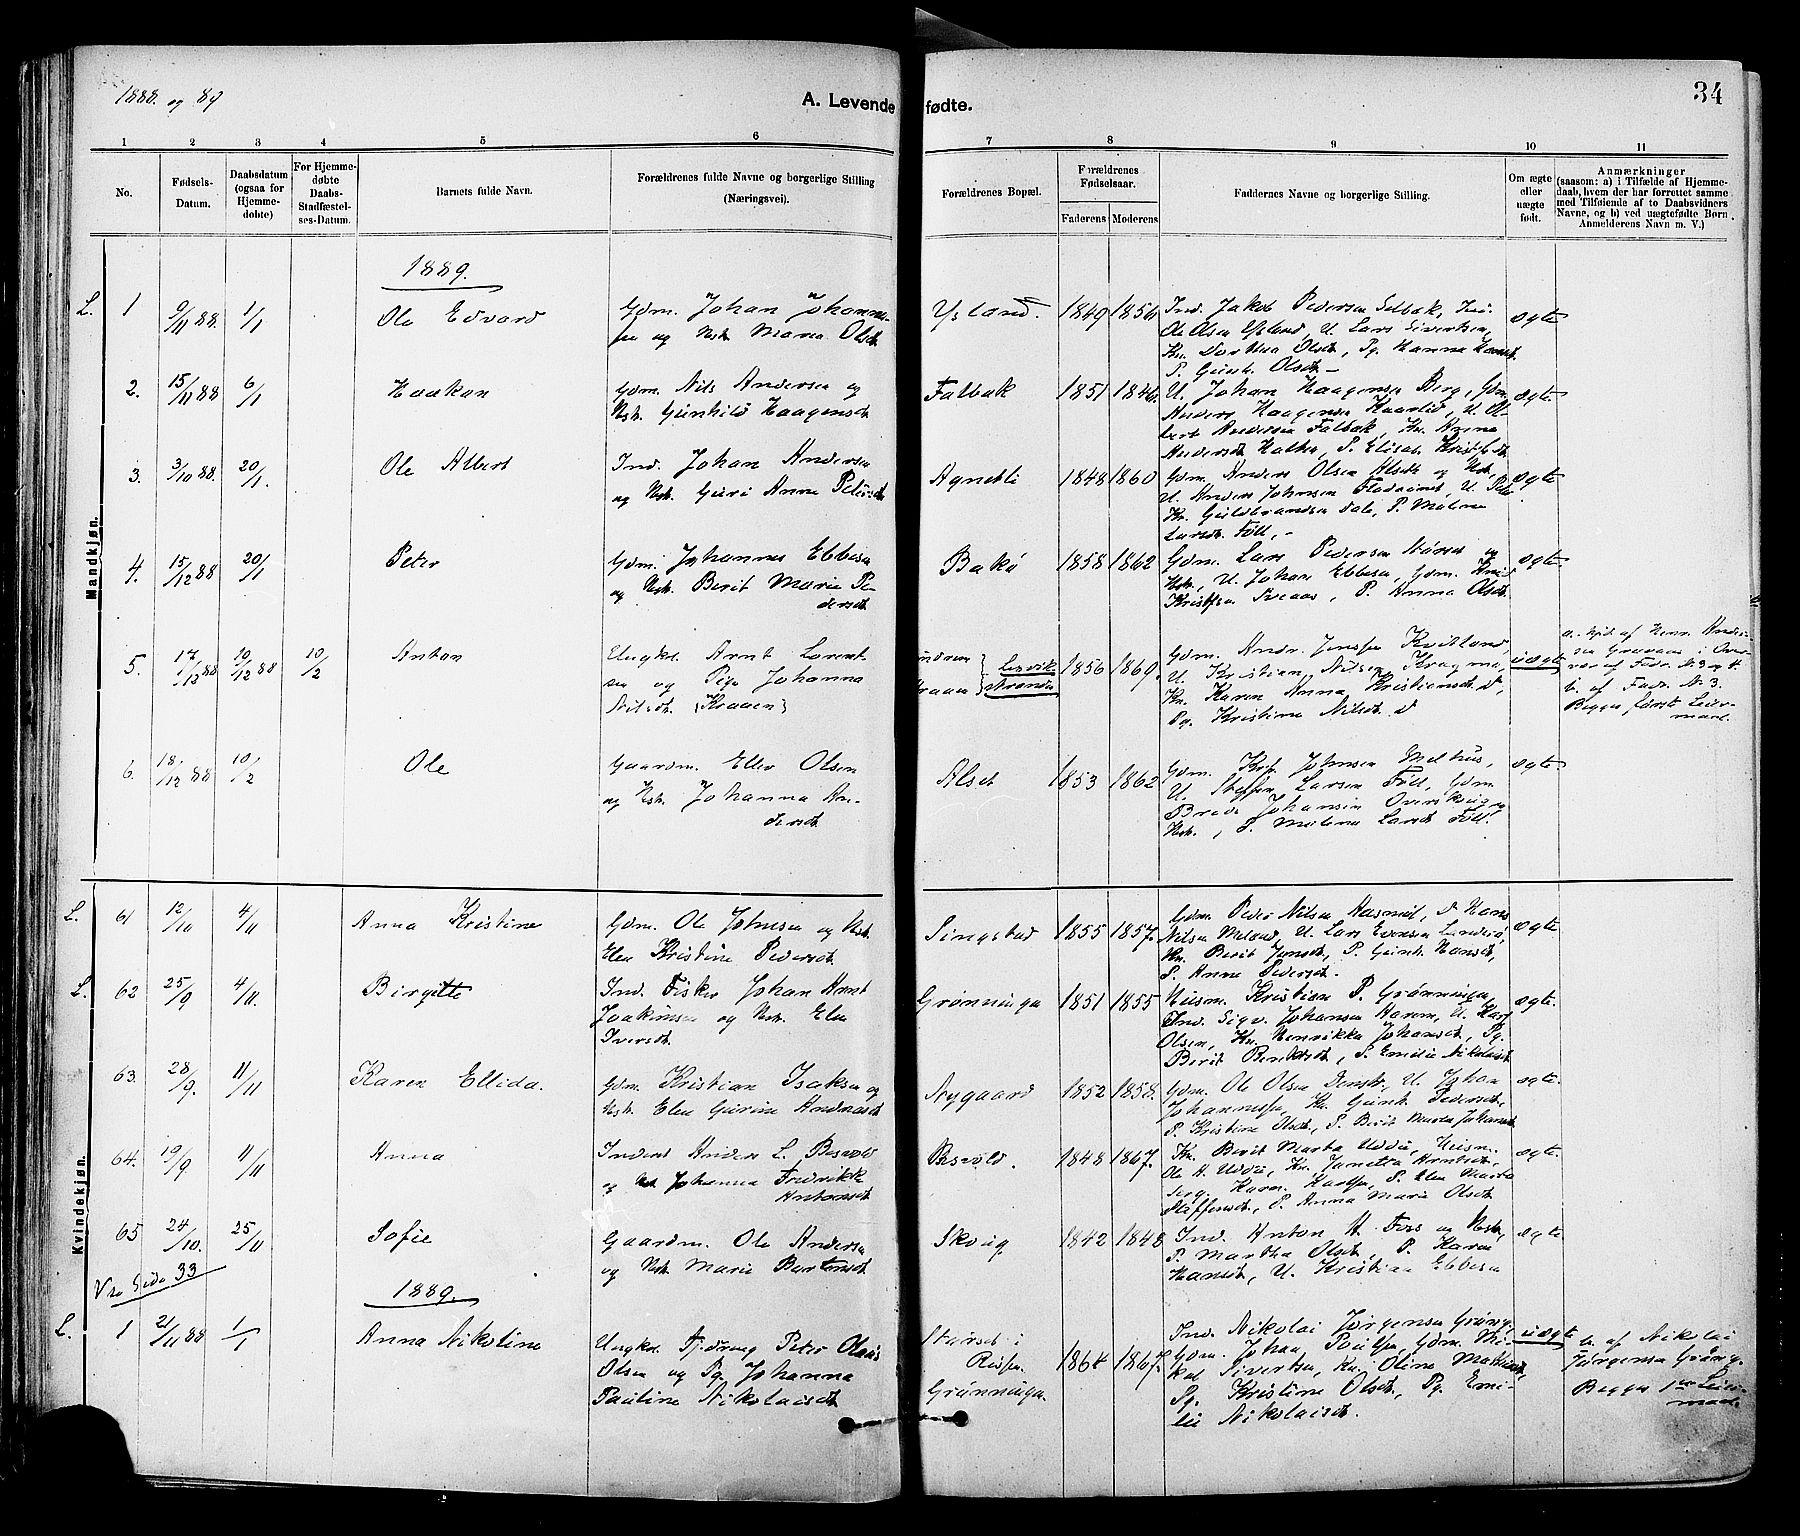 SAT, Ministerialprotokoller, klokkerbøker og fødselsregistre - Sør-Trøndelag, 647/L0634: Ministerialbok nr. 647A01, 1885-1896, s. 34